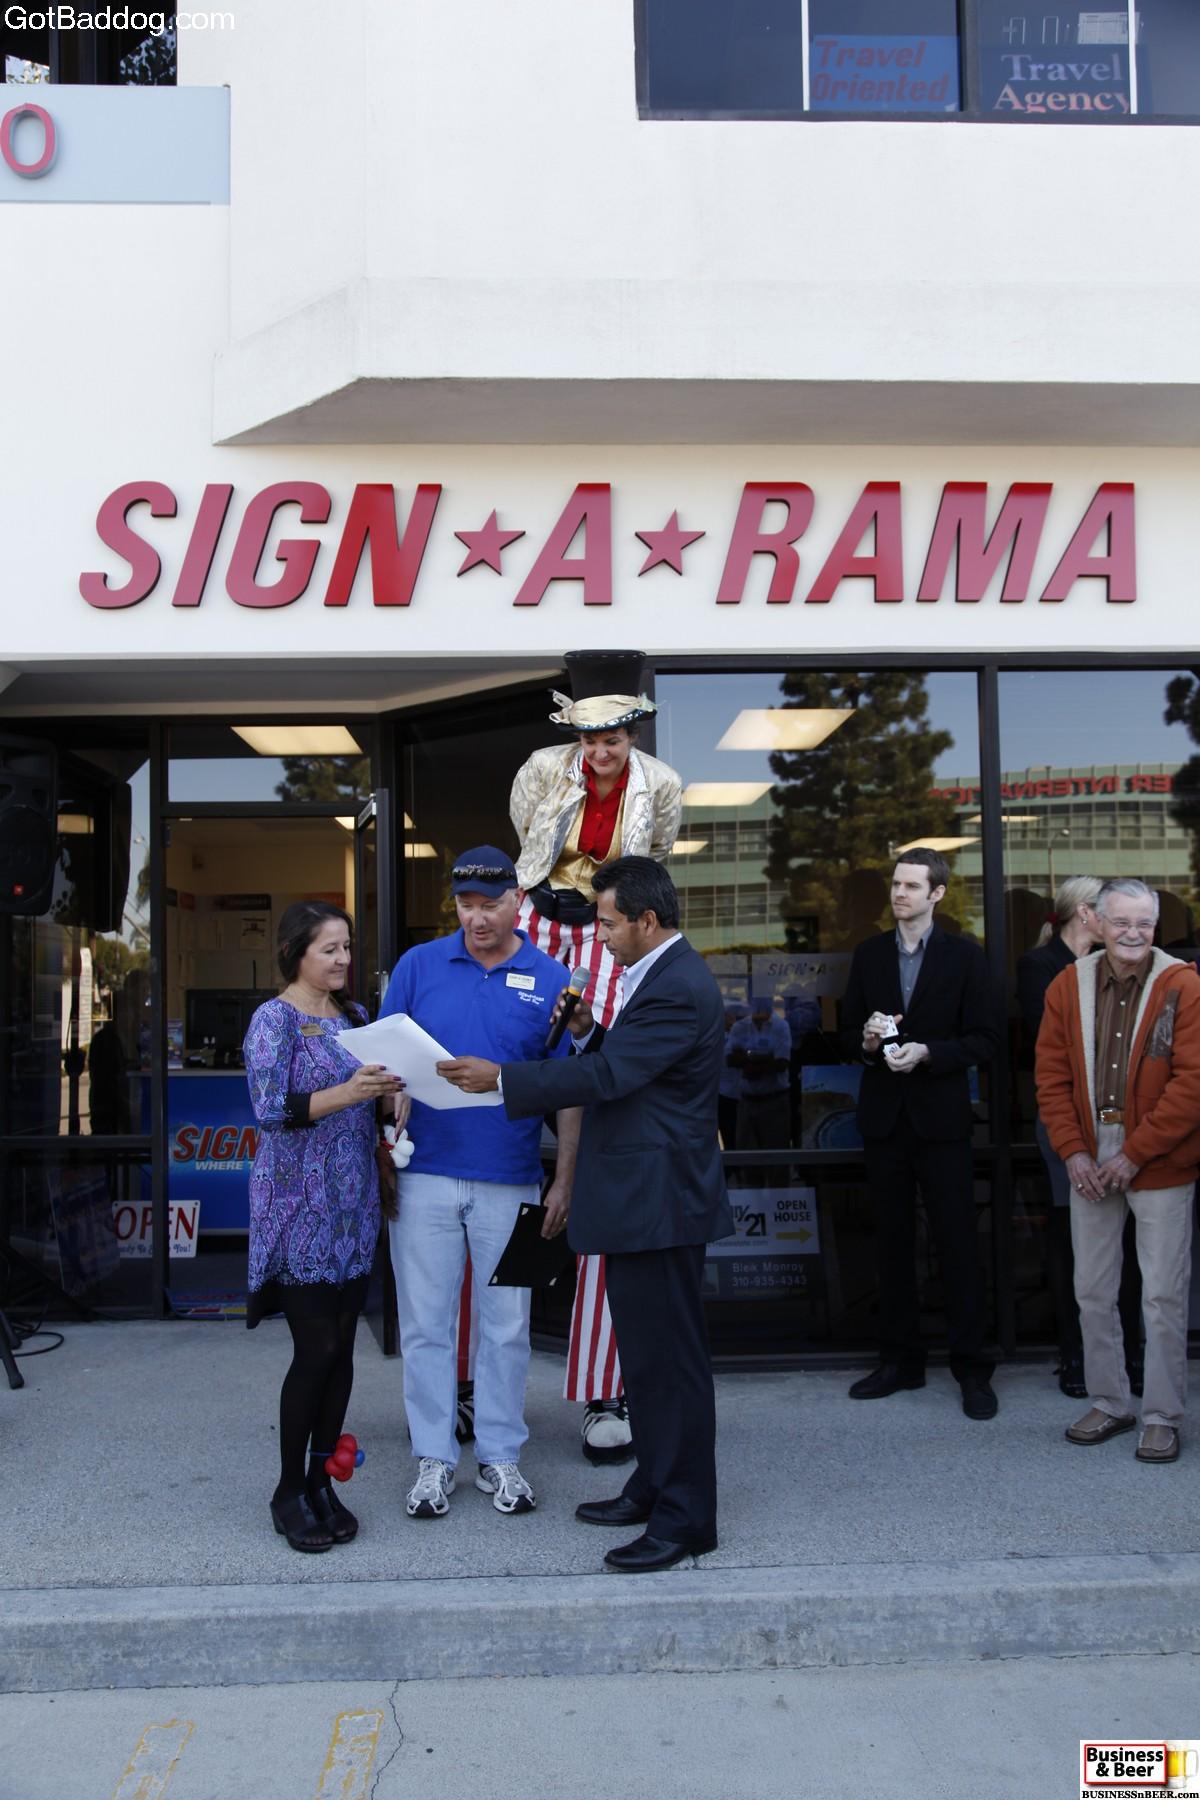 sign-a-rama1652